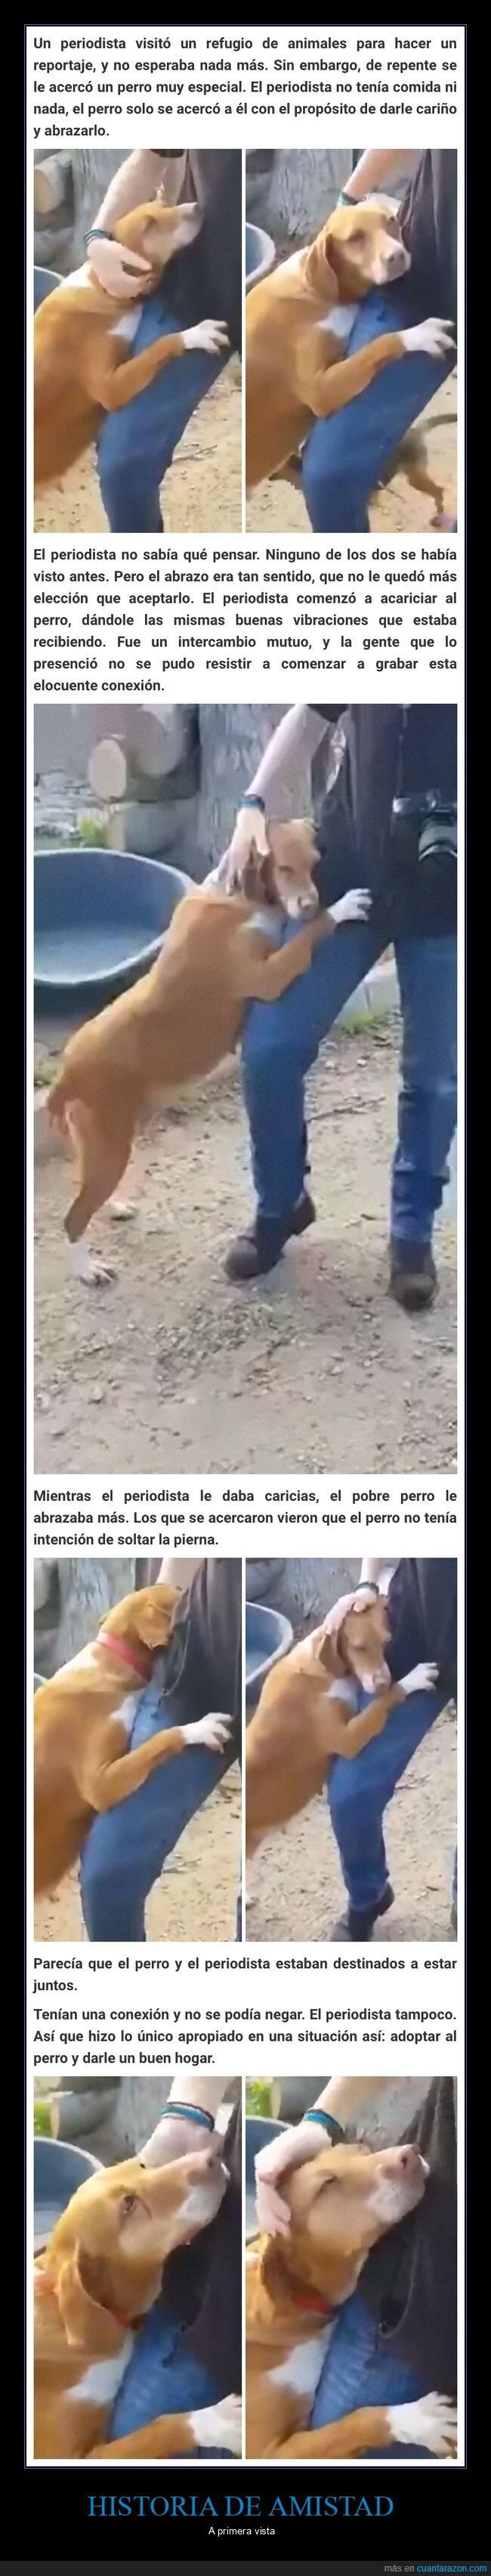 amistad,periodista,perro